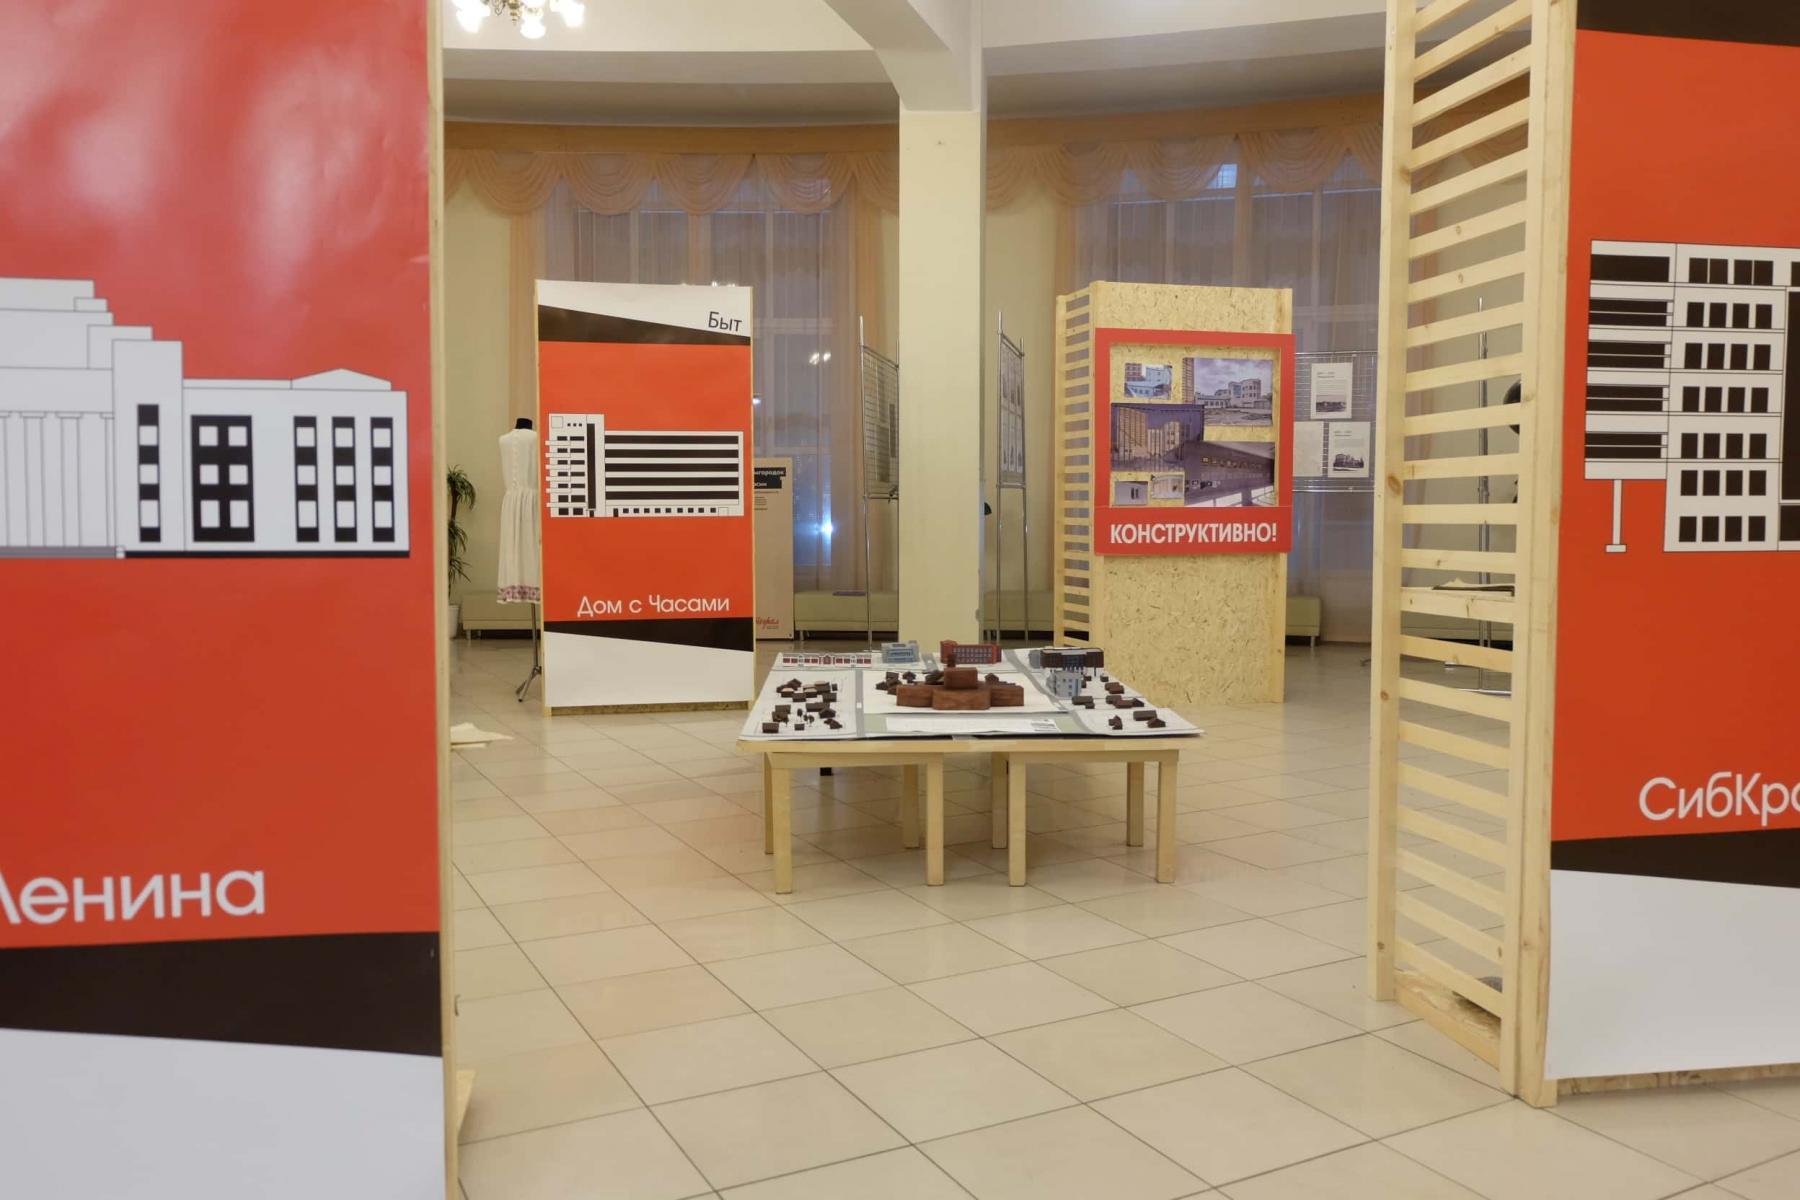 фото Свободный вход на выставку-фестиваль «Конструктивизм Здесь!» продлится до 9 апреля в Новосибирске 2